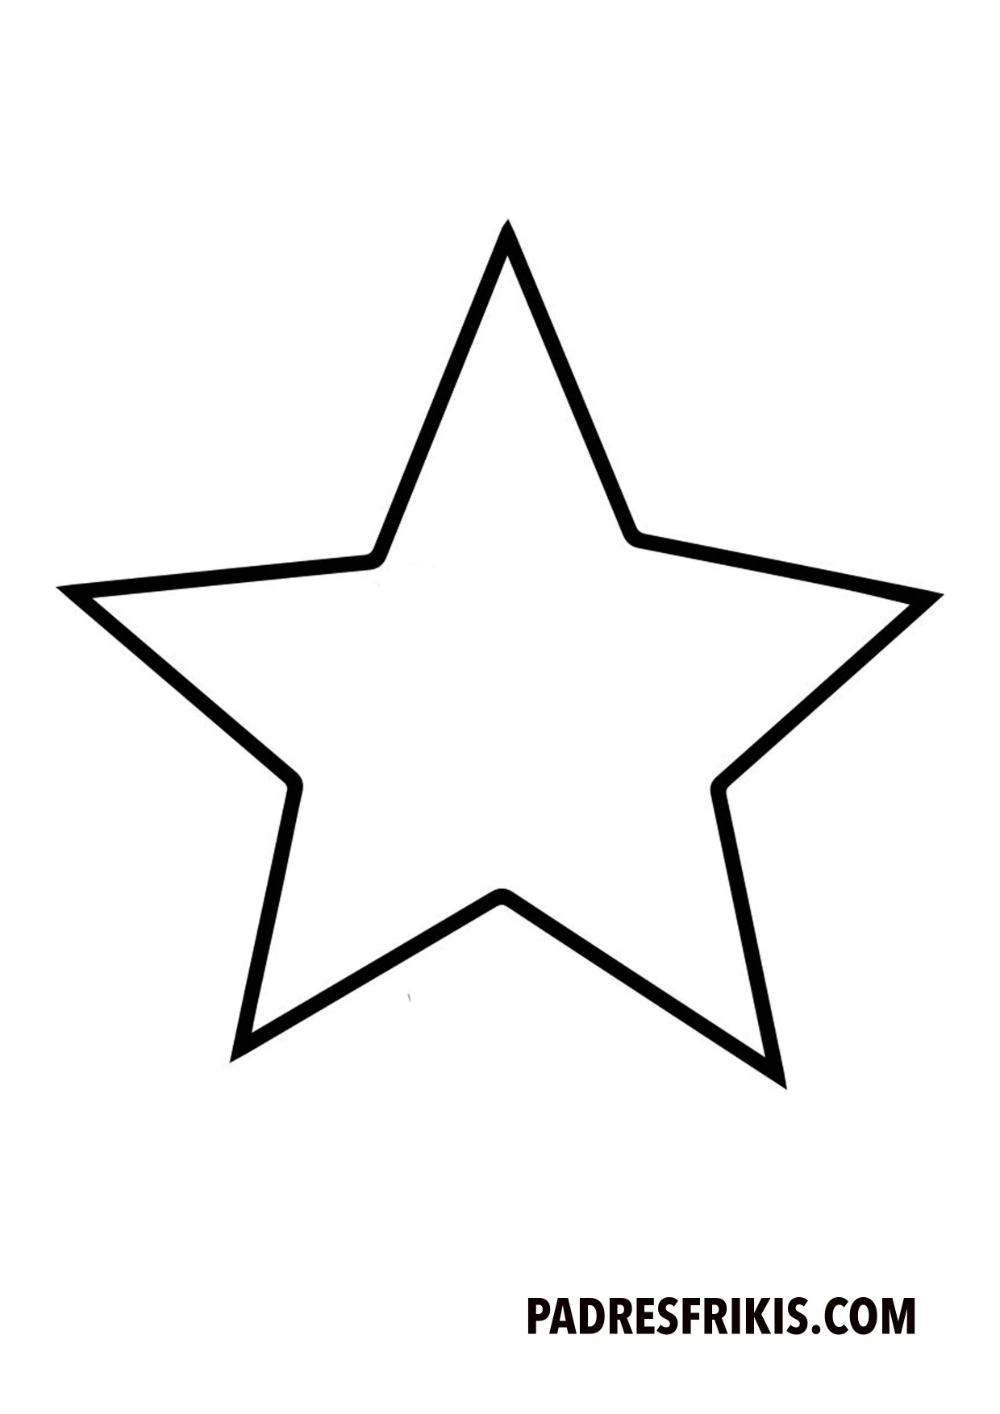 Plantillas De Estrellas Para Colorear E Imprimir Padres Estrellas Para Imprimir Imprimir Sobres Dibujos De Estrellas